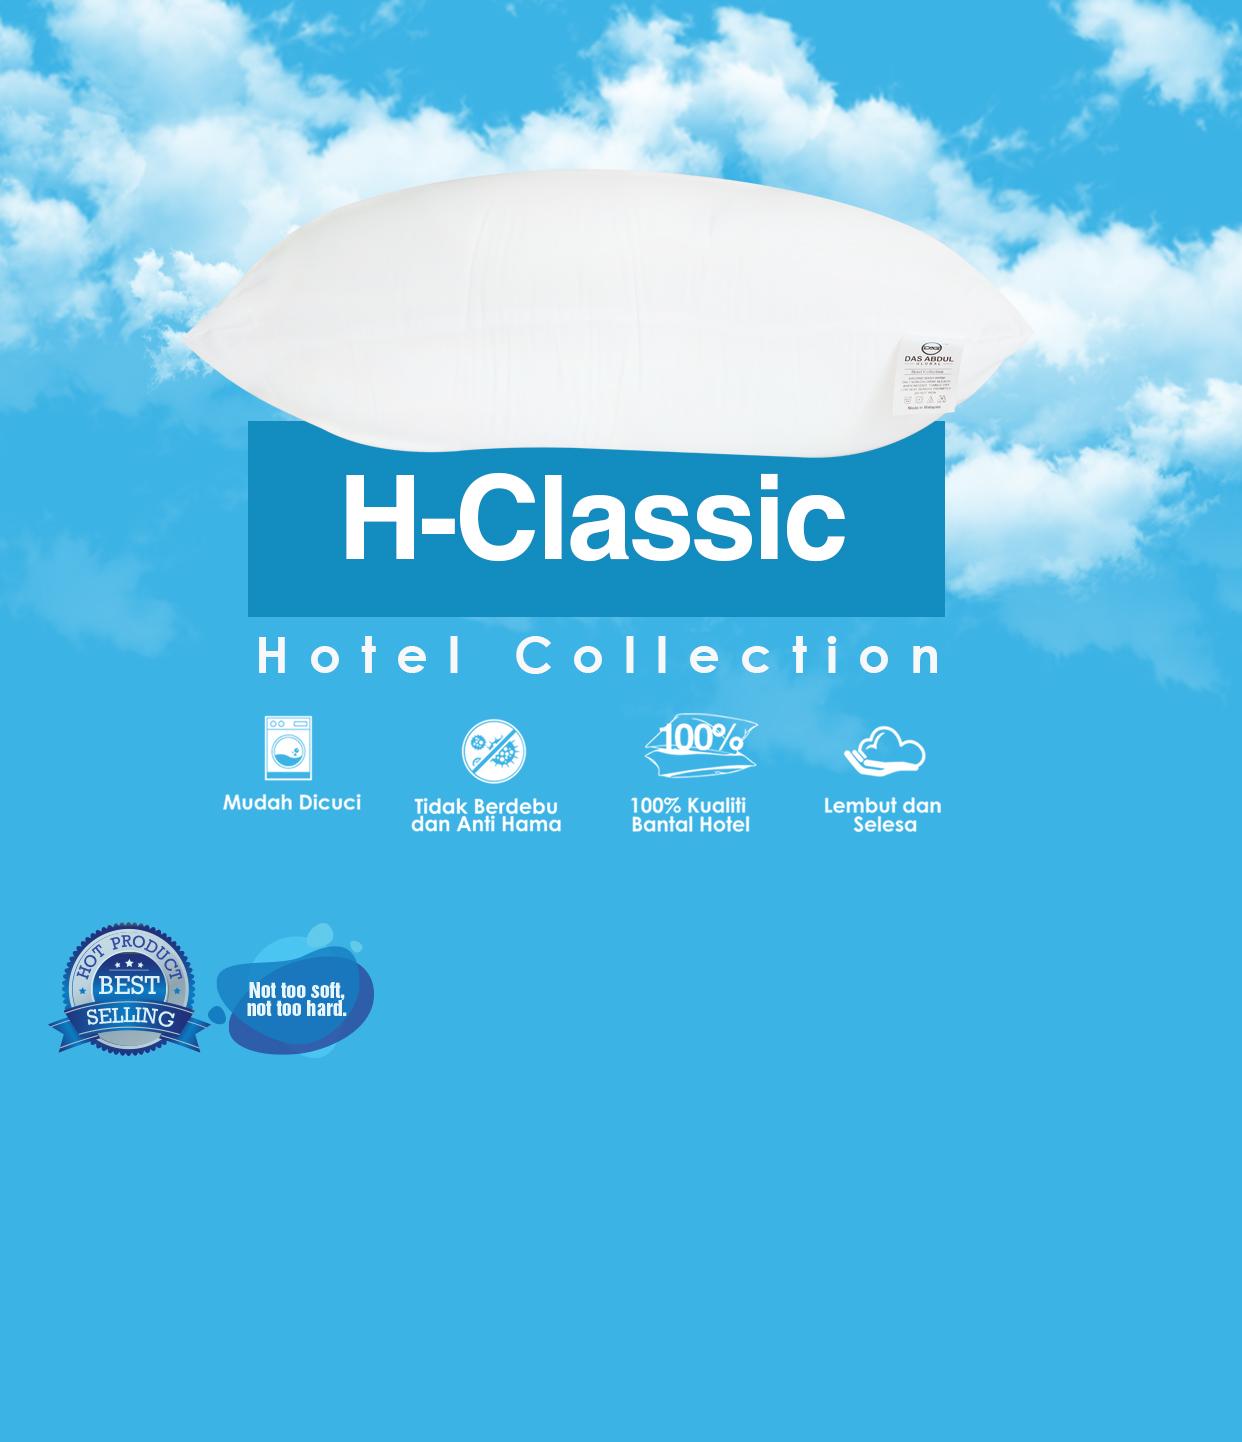 h-classic